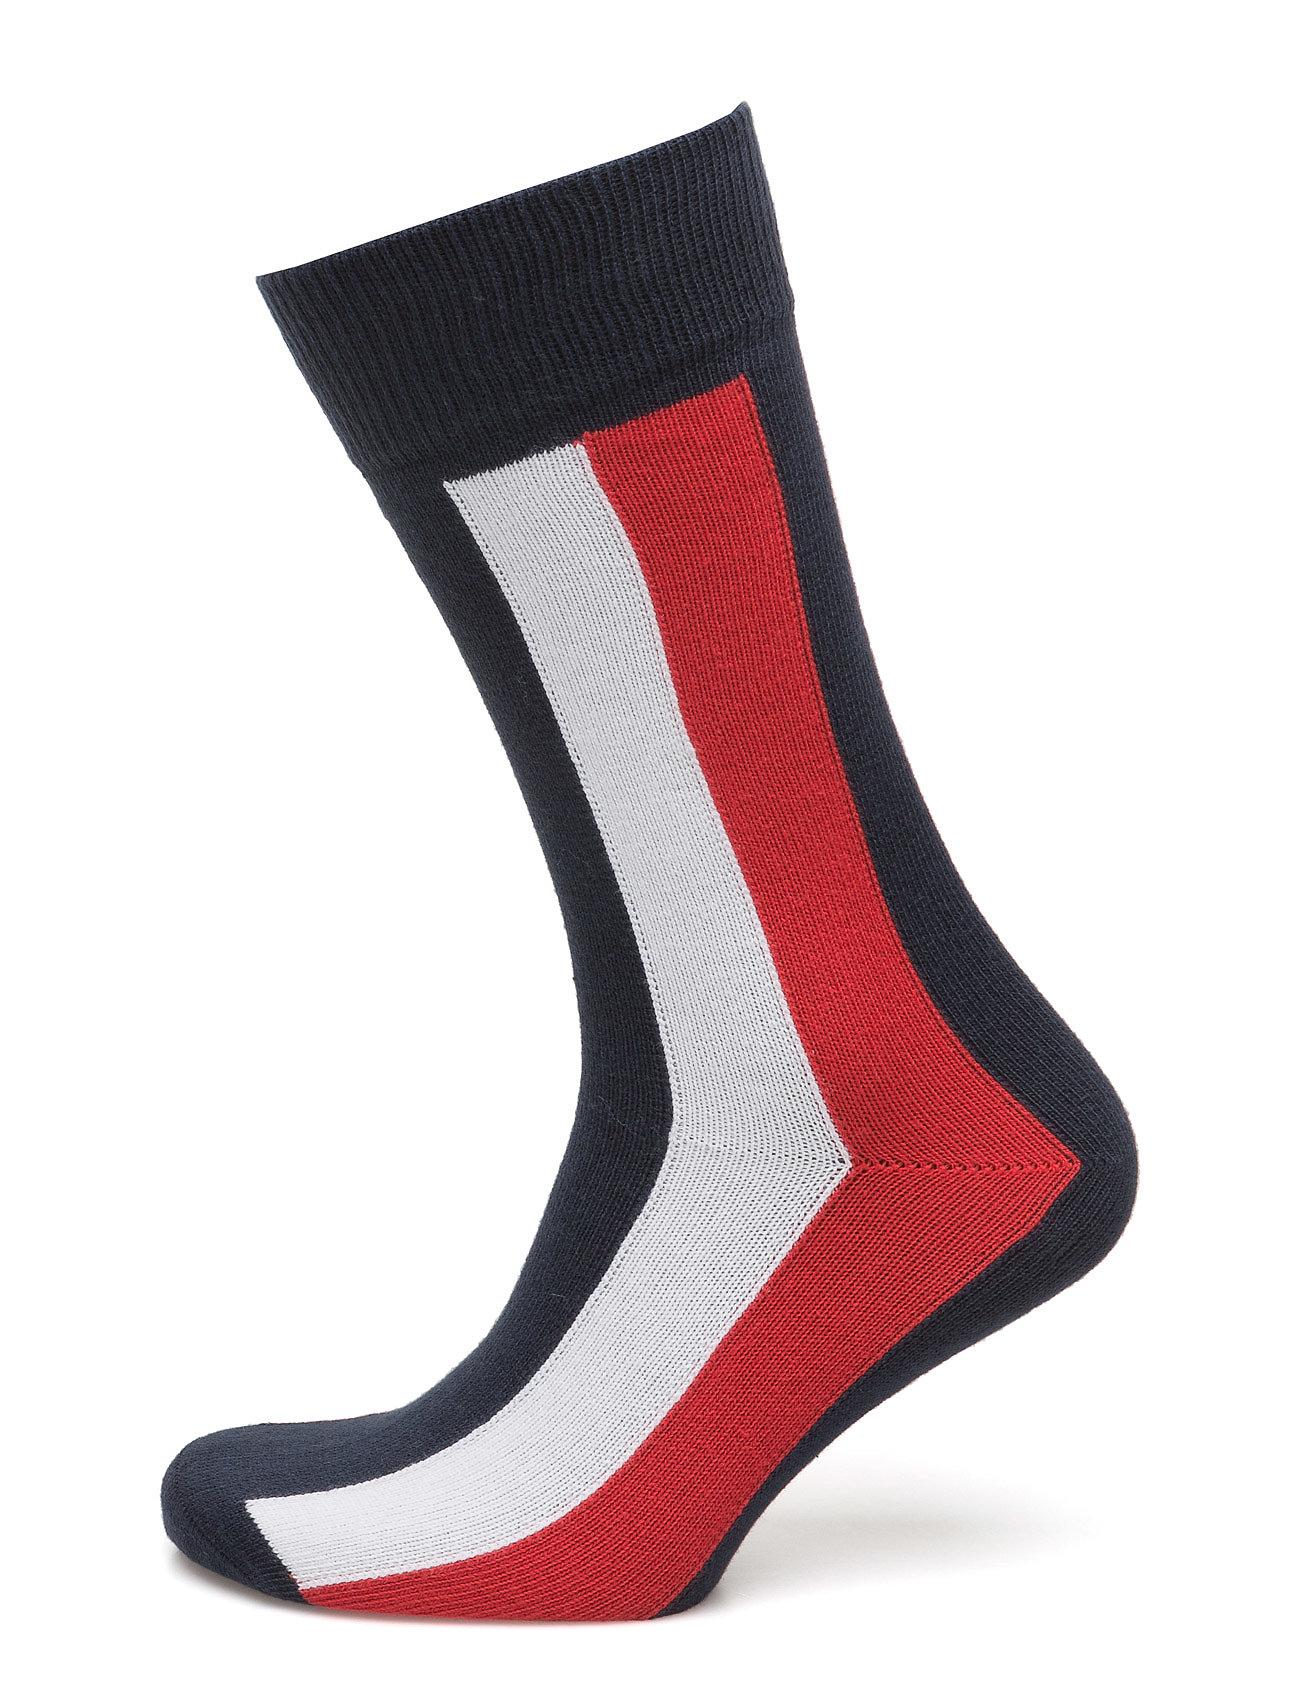 Th Men Iconic Global Sock 1p Tommy Hilfiger Sokker til Herrer i